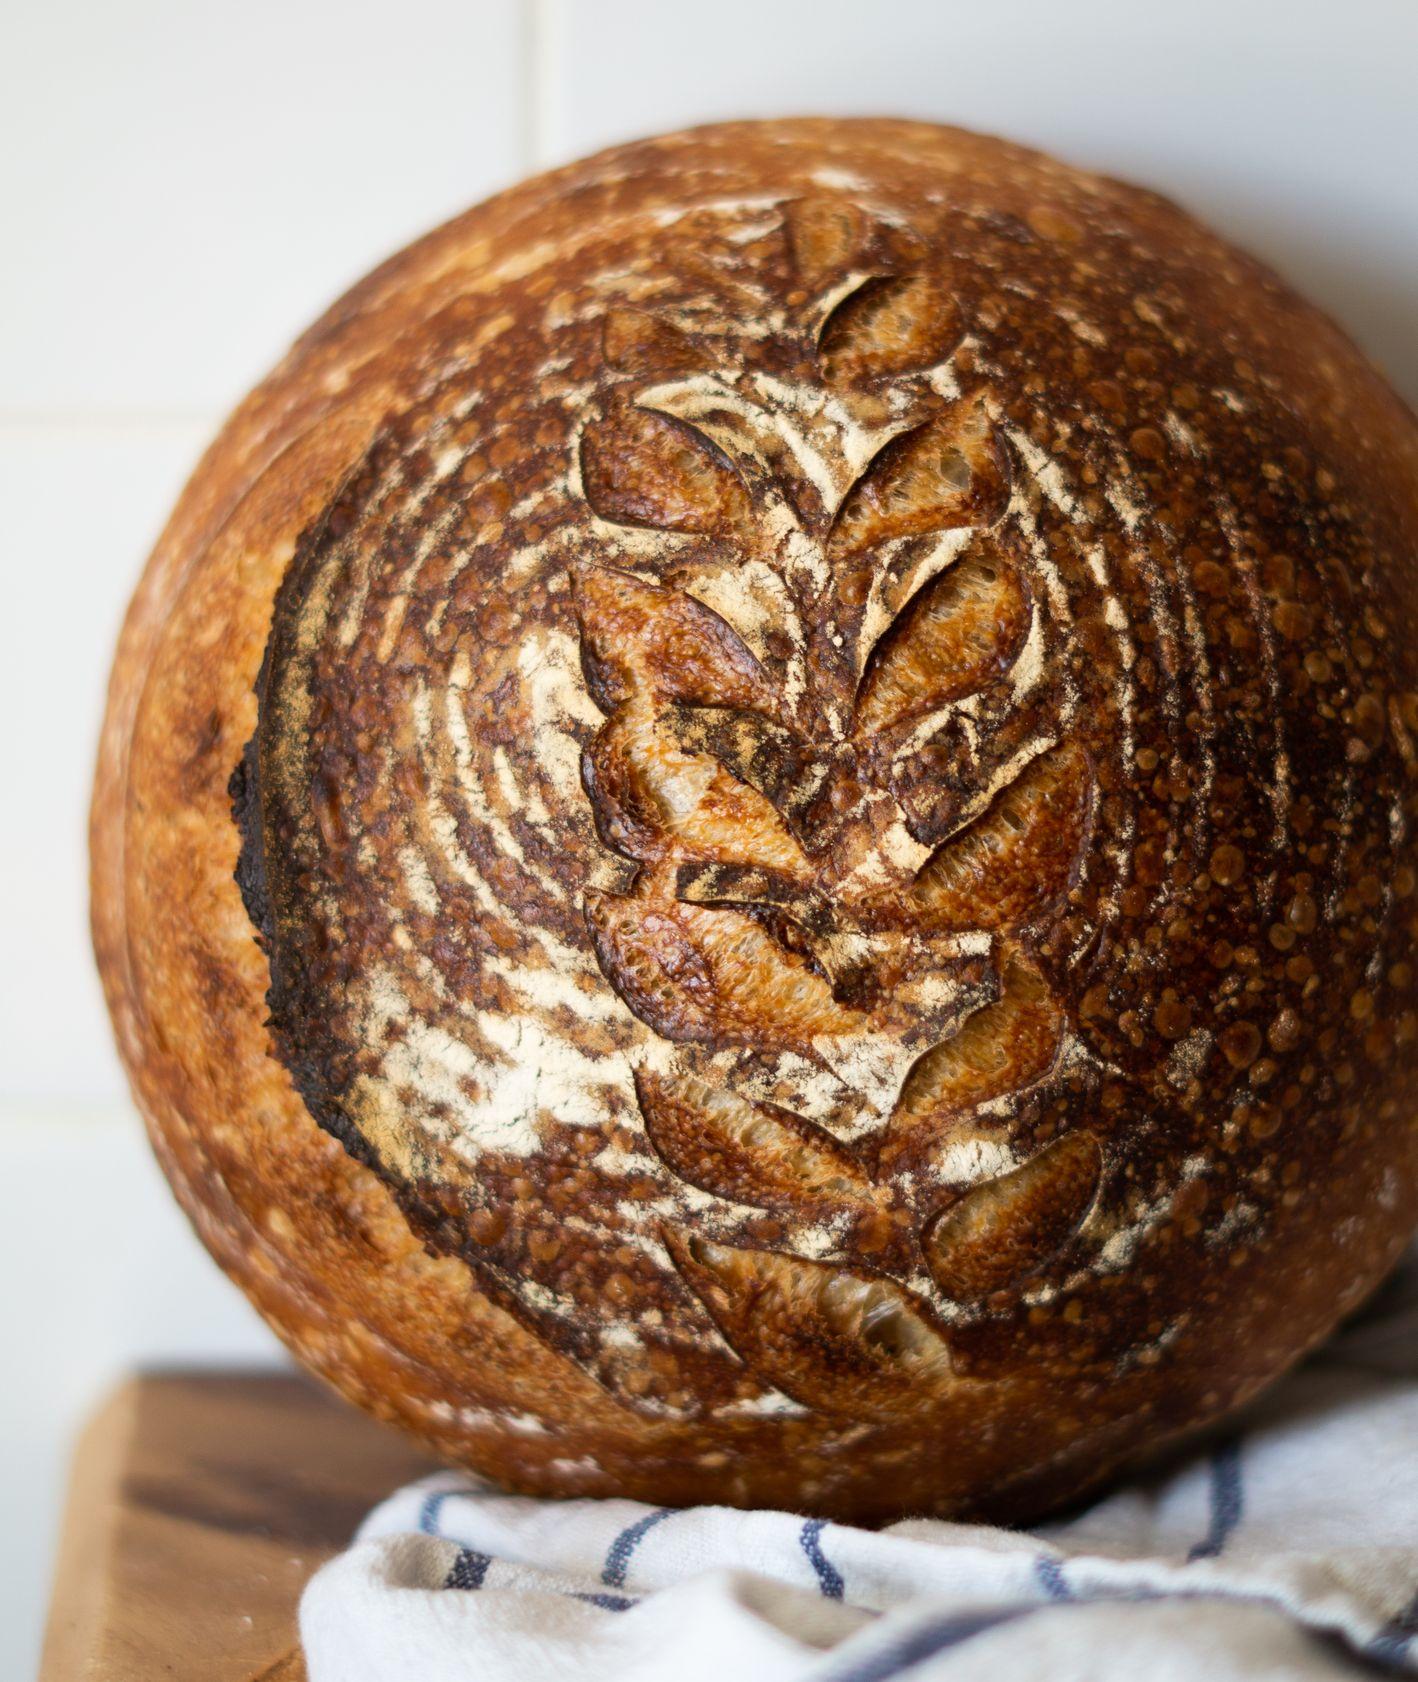 Bochenek pszenicznego chleba (fot. Jessica Nadziejko)